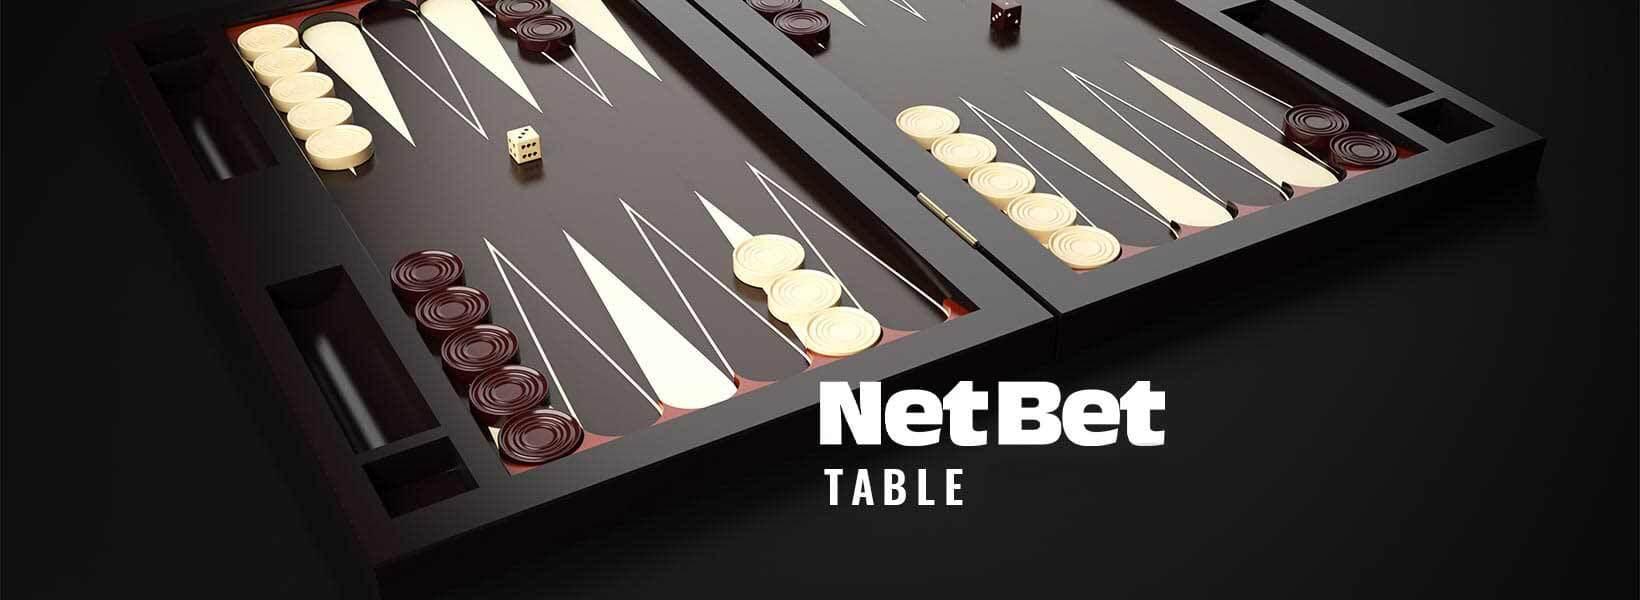 table pe bani netbet online